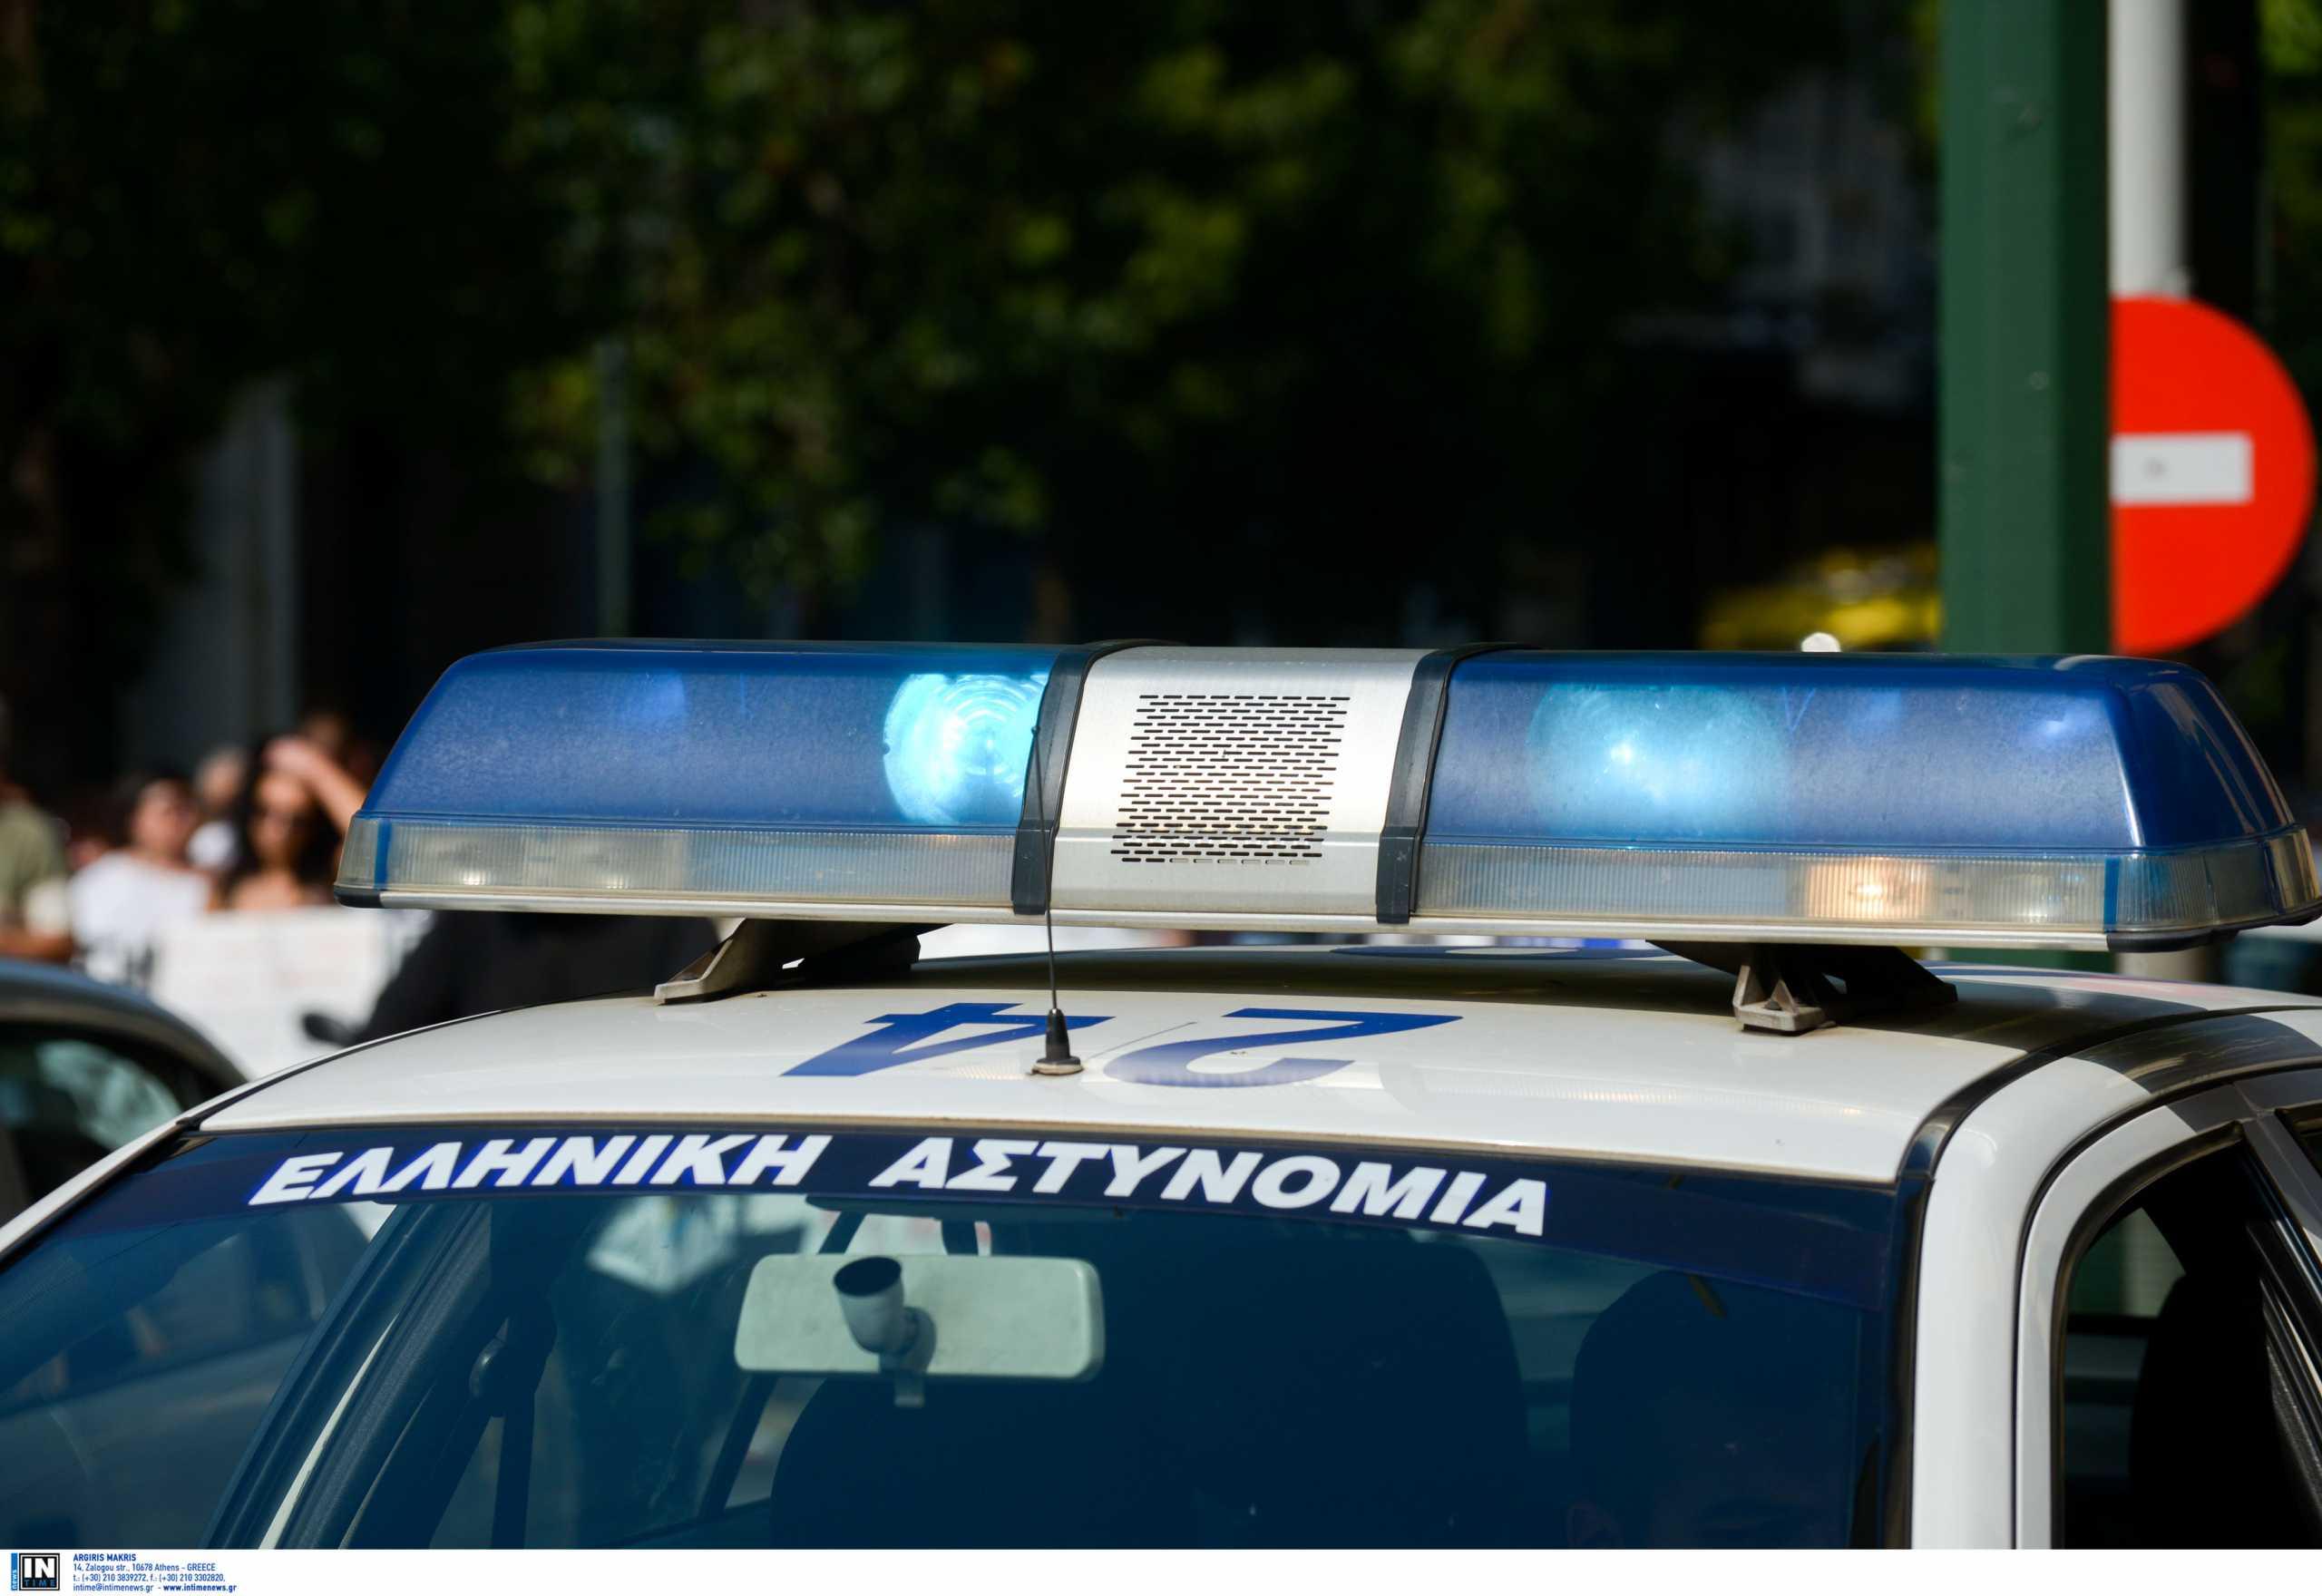 Θεσσαλονίκη: Σύλληψη Γάλλου για πάρτι σε διαμέρισμα και «βροχή» τα πρόστιμα